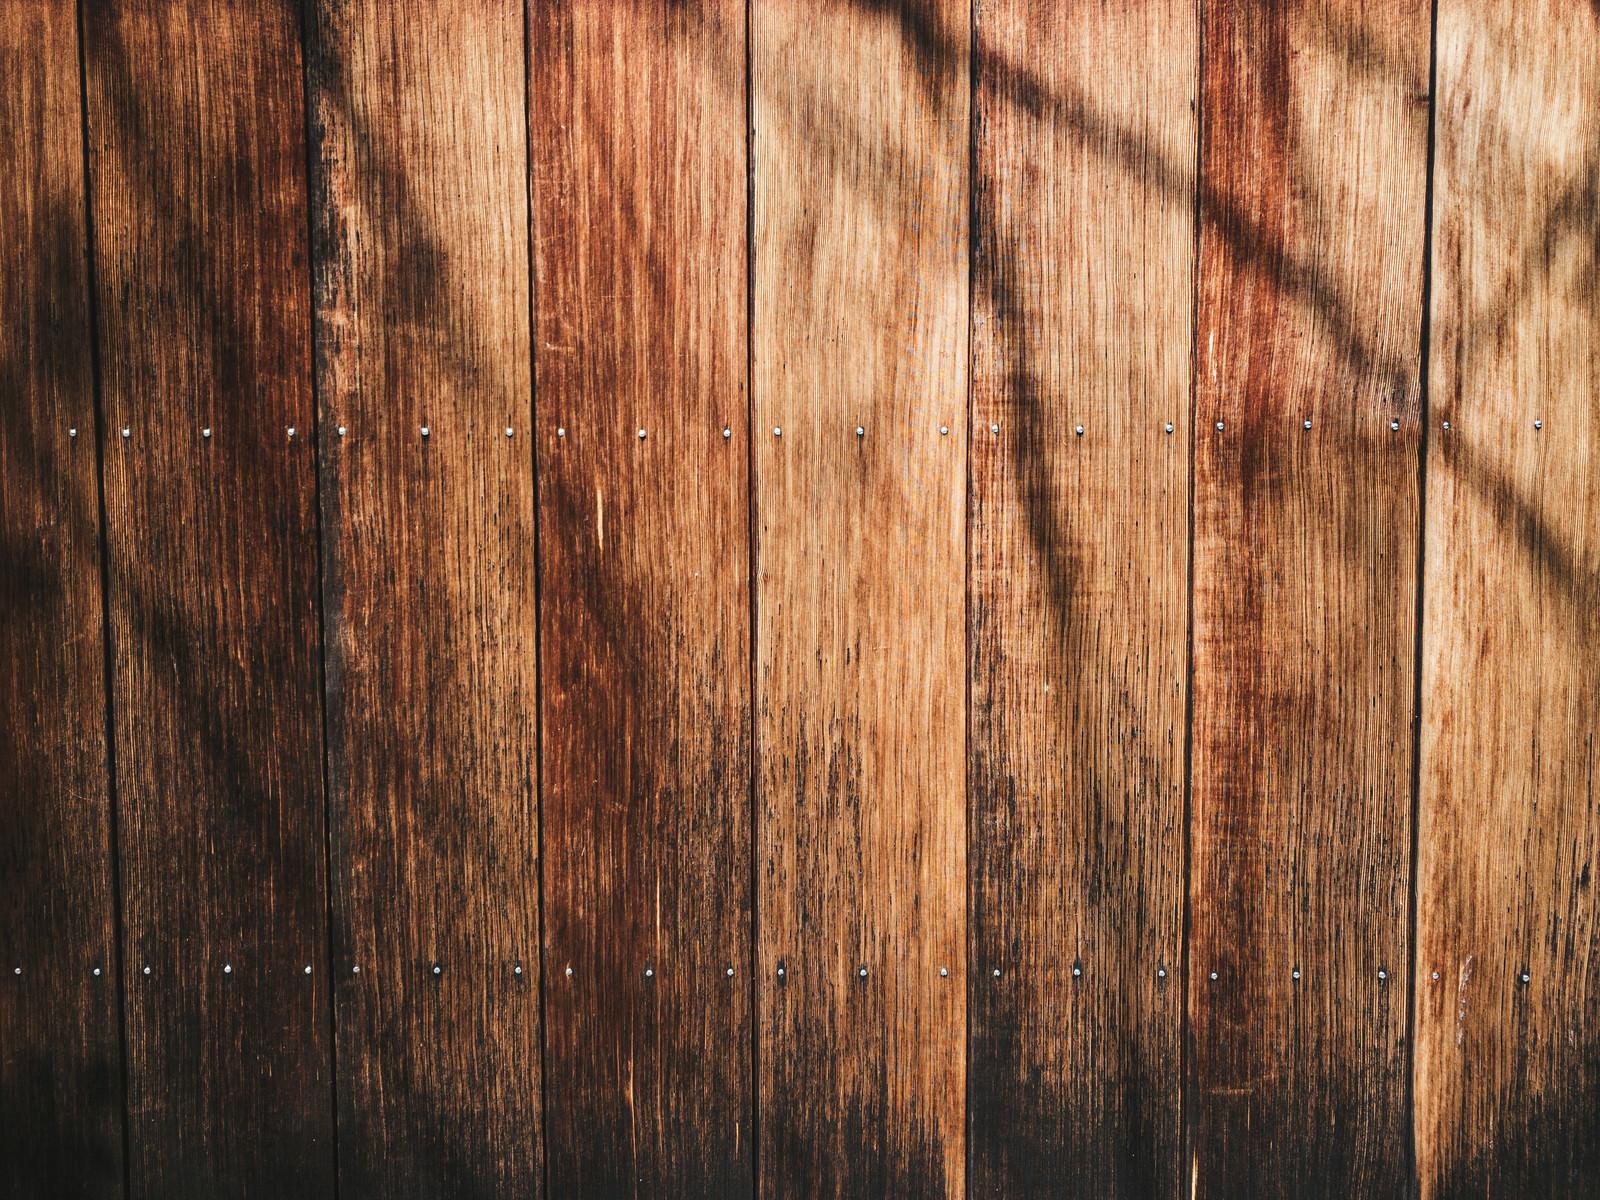 「枝の影が映り込む板壁(テクスチャ)」の写真